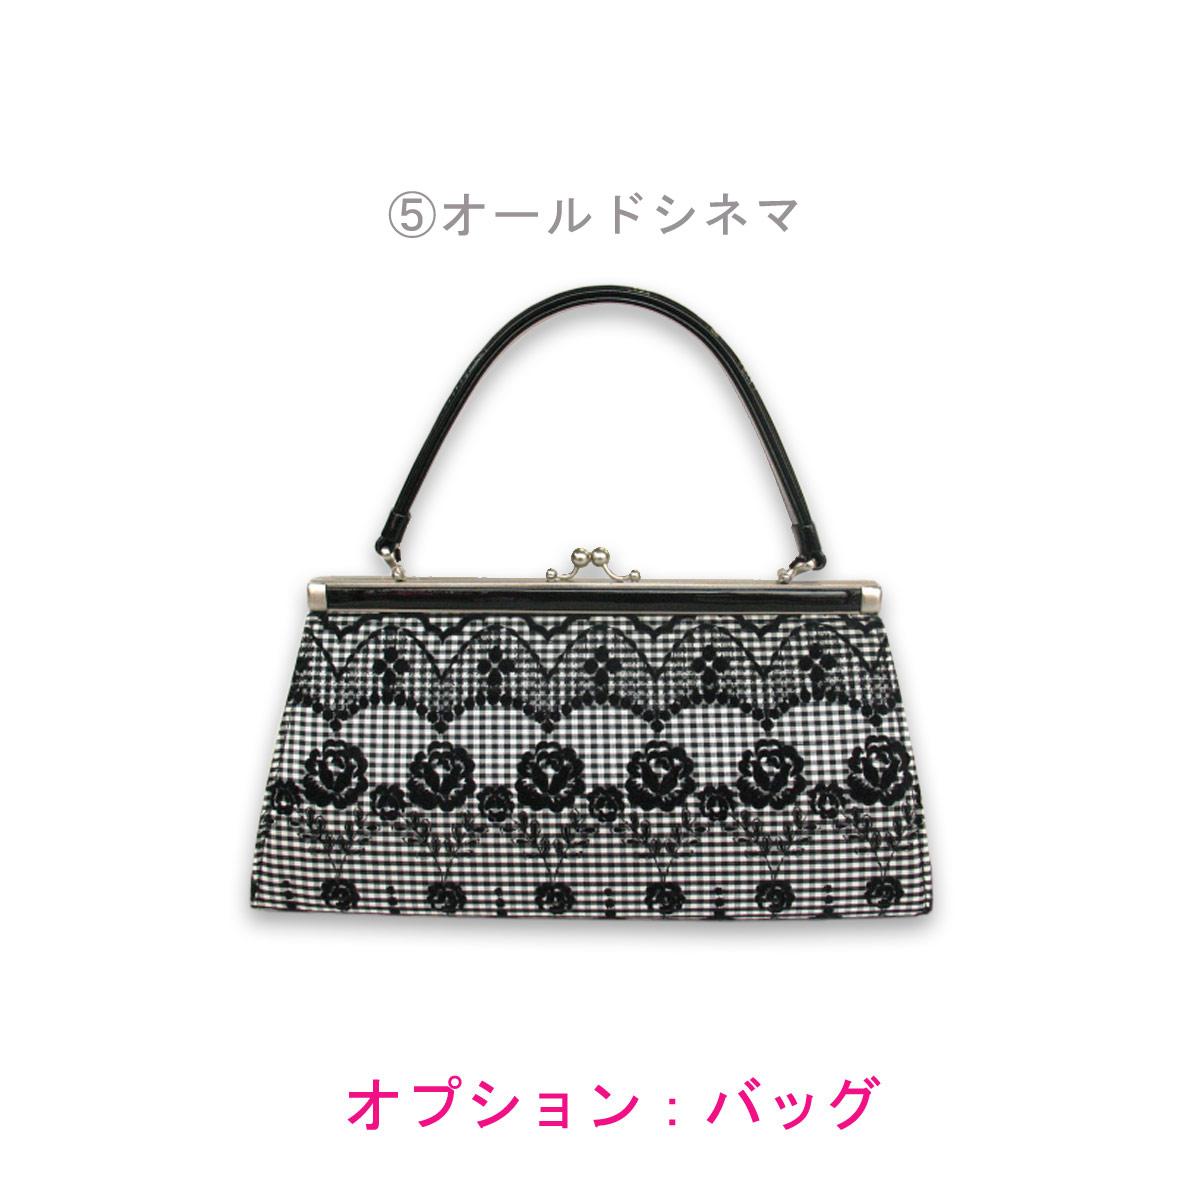 【レンタル】袴 クラシック